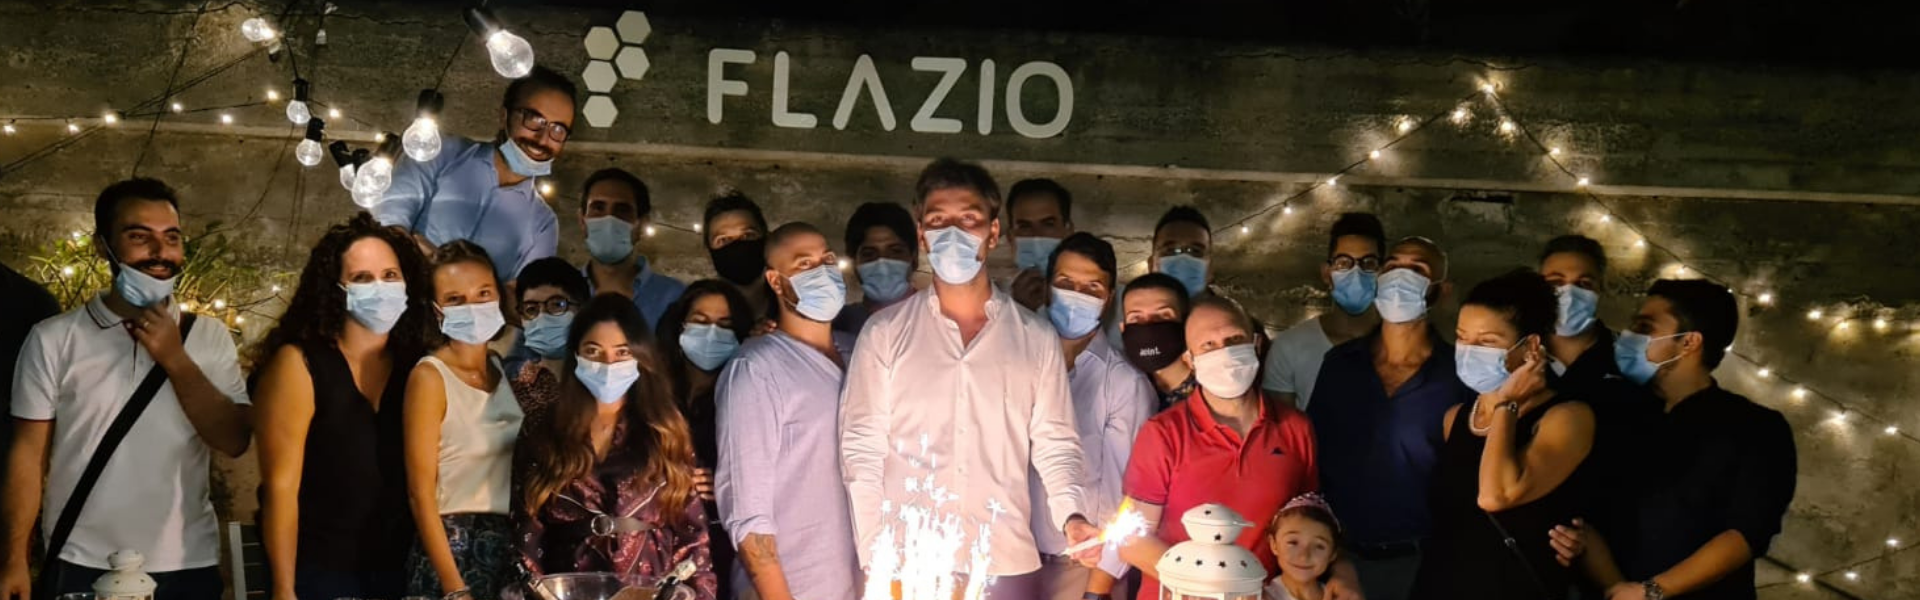 Tendopoli Vizzini: affaire da 1 milione di euro. Per la Croce Rossa